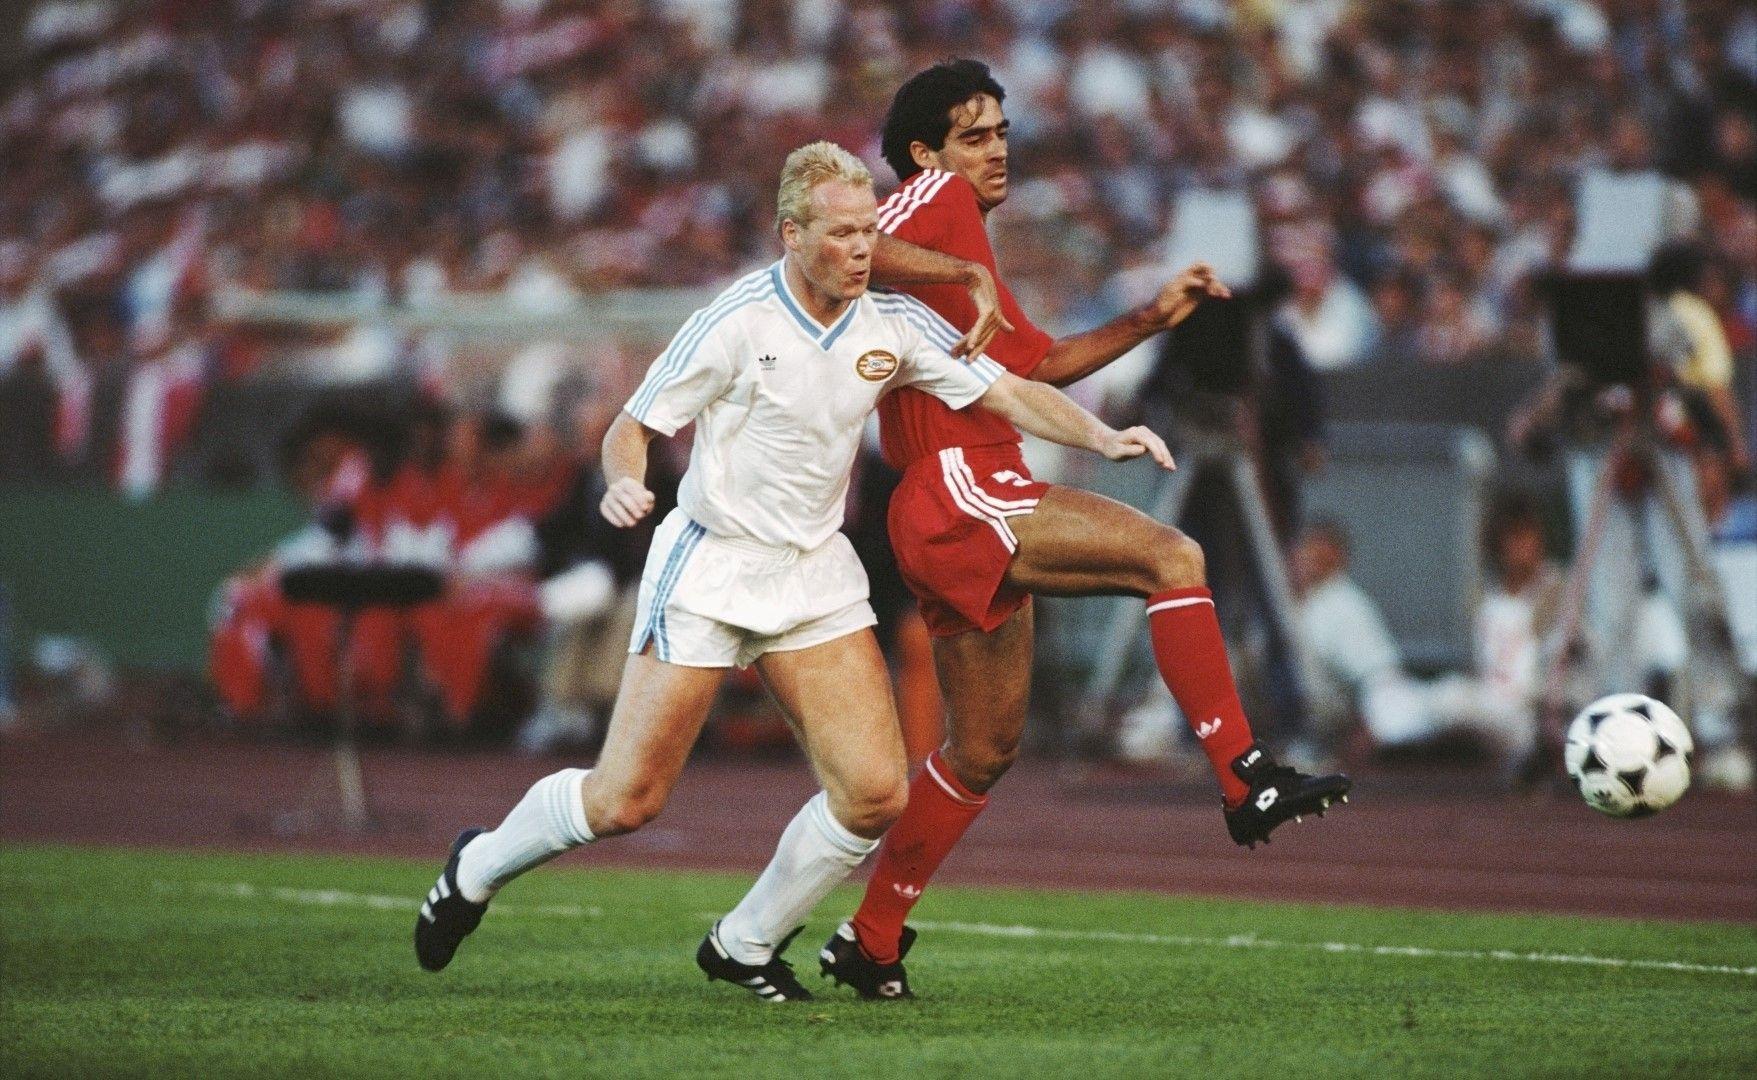 Роналд Куман - млад и надъхан централен бранител, е само един от лидерите на ПСВ в отбора, спечелил требъл през 1988 г. (снимката е от финала в КЕШ срещу Бенфика). Куман спечели трофея и с Барселона 4 години по-късно, когато треньор му бе Кройф, а съотборник - Христо Стоичков